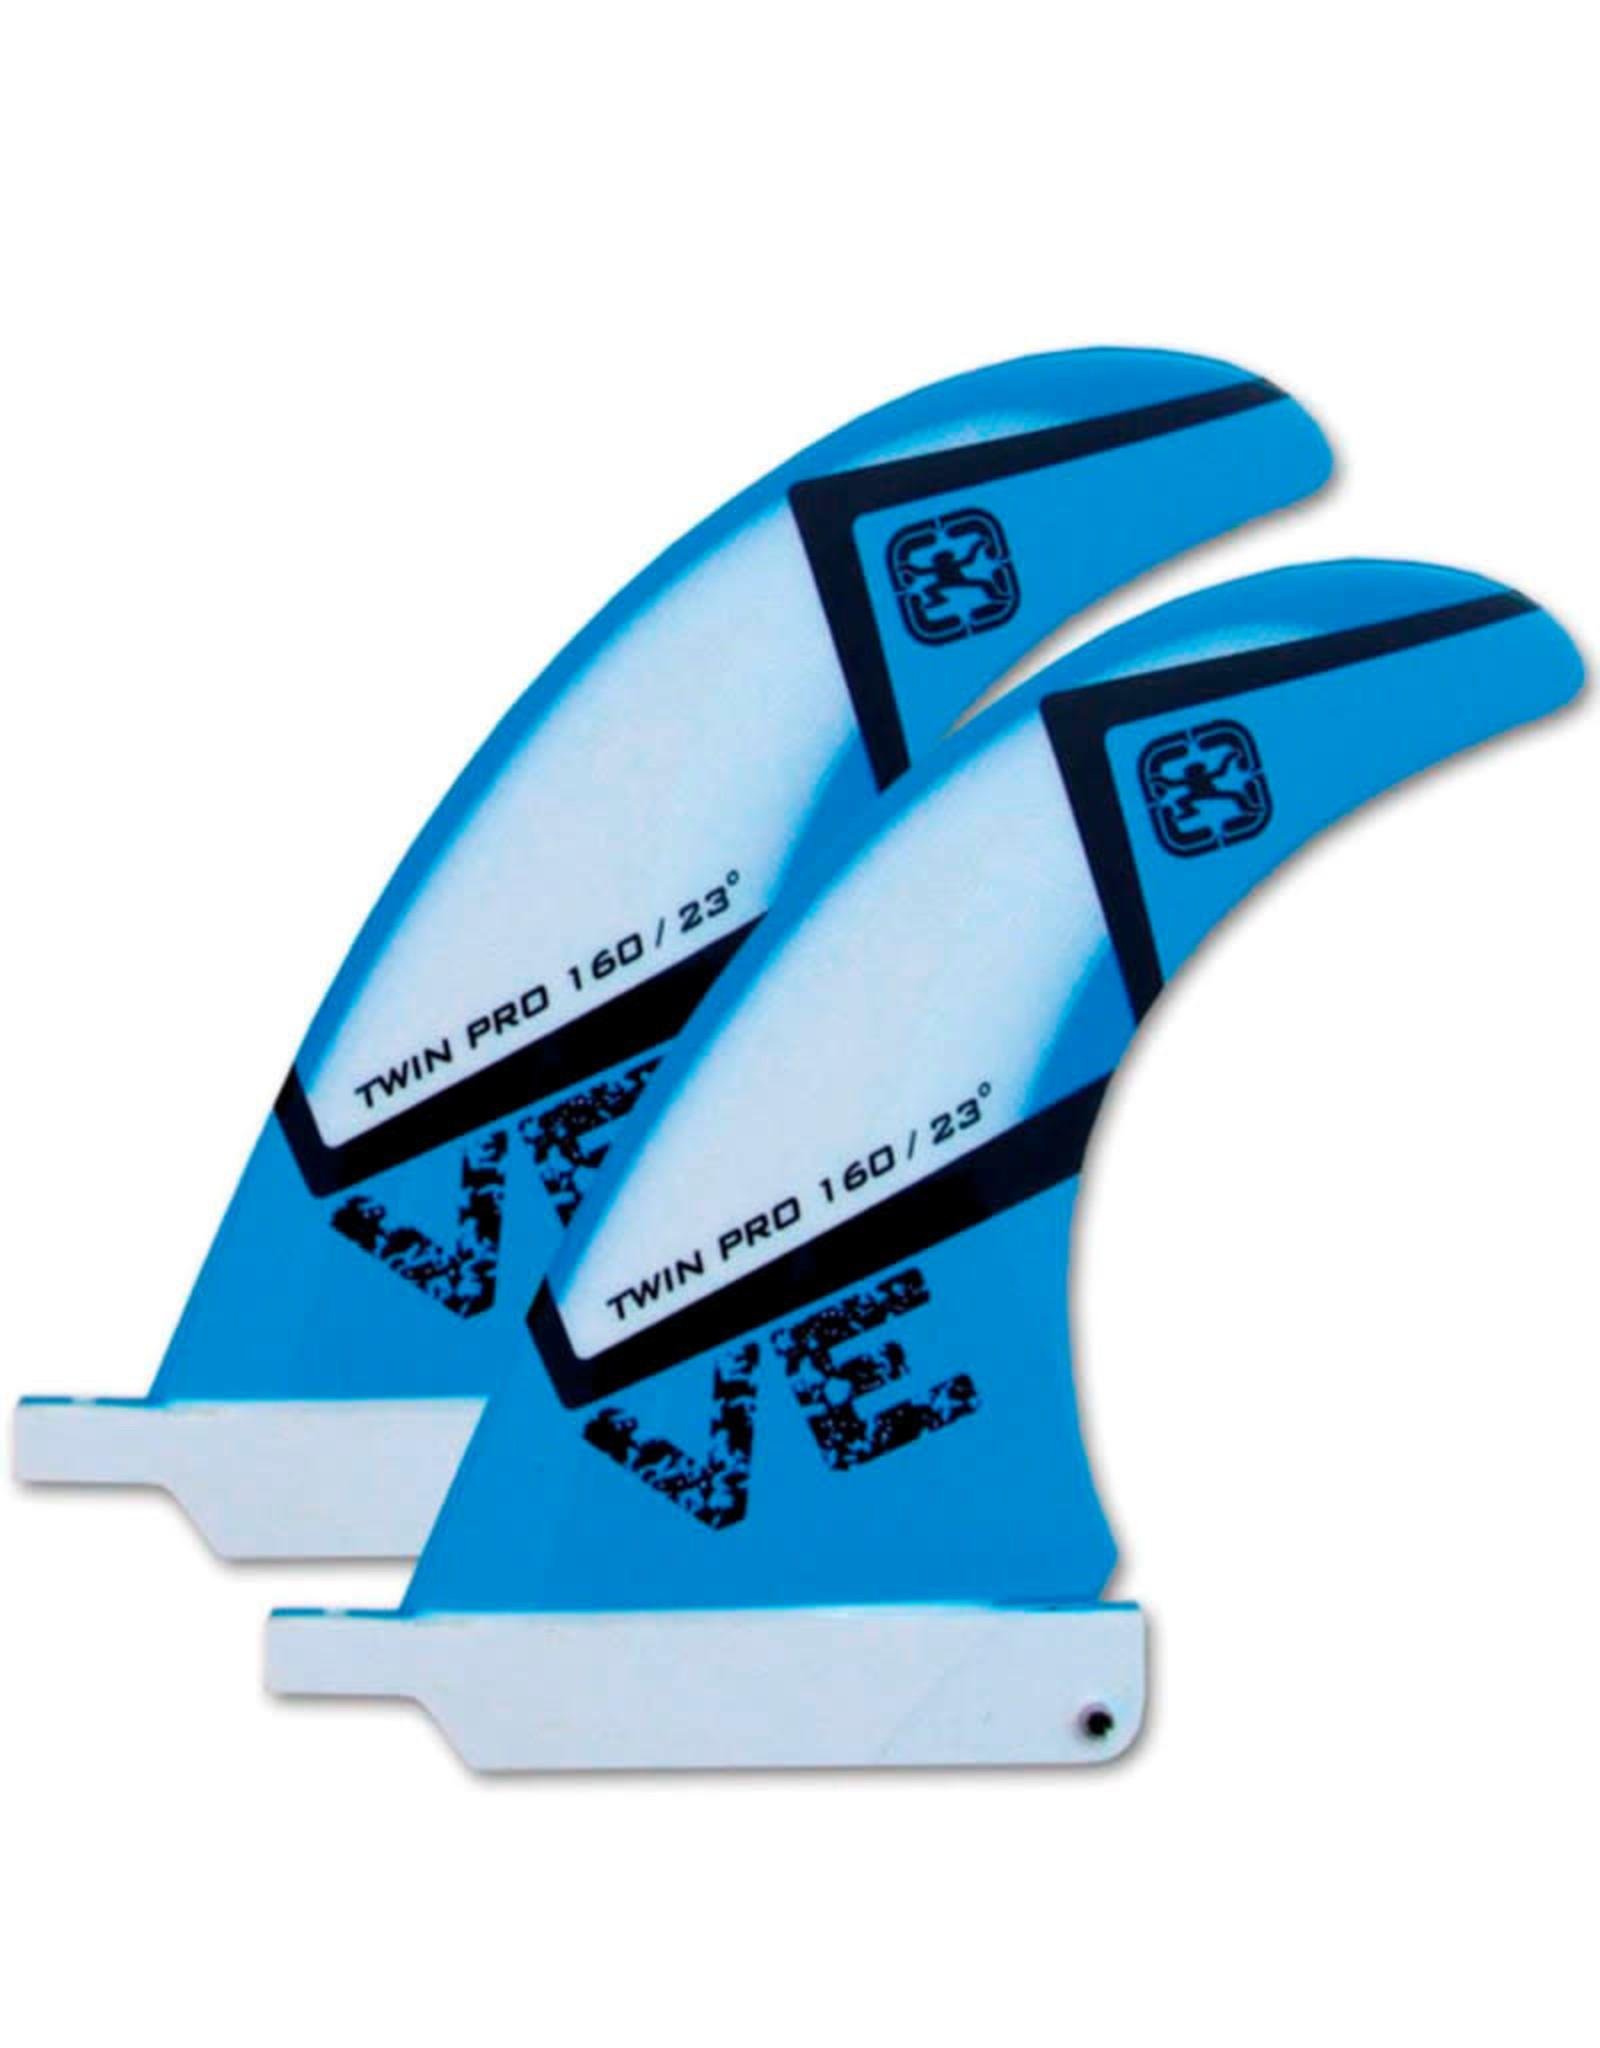 Tekknosport Tekknosport Fin VE Twin Pro 150 US Box